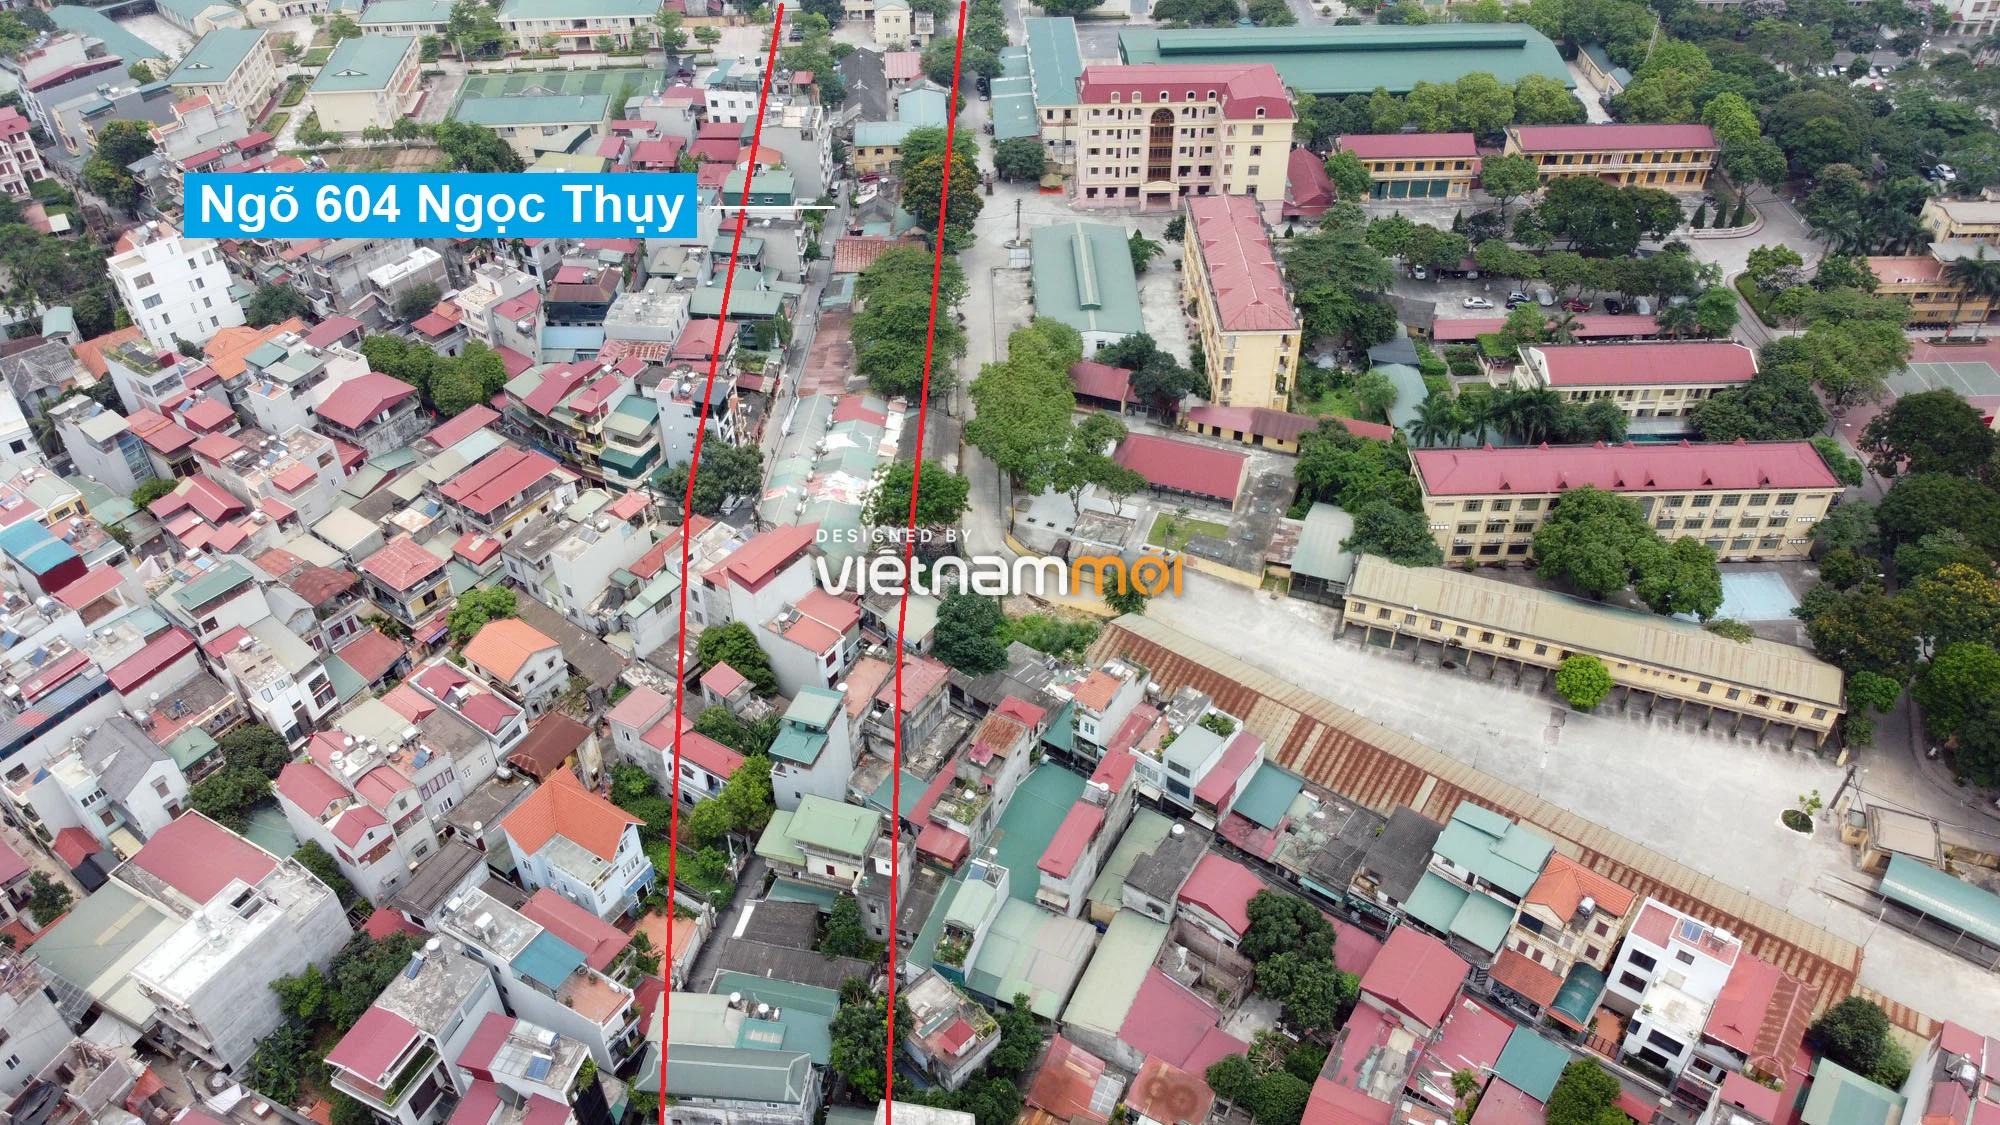 Những khu đất sắp thu hồi để mở đường ở phường Ngọc Thụy, Long Biên, Hà Nội (phần 1) - Ảnh 4.